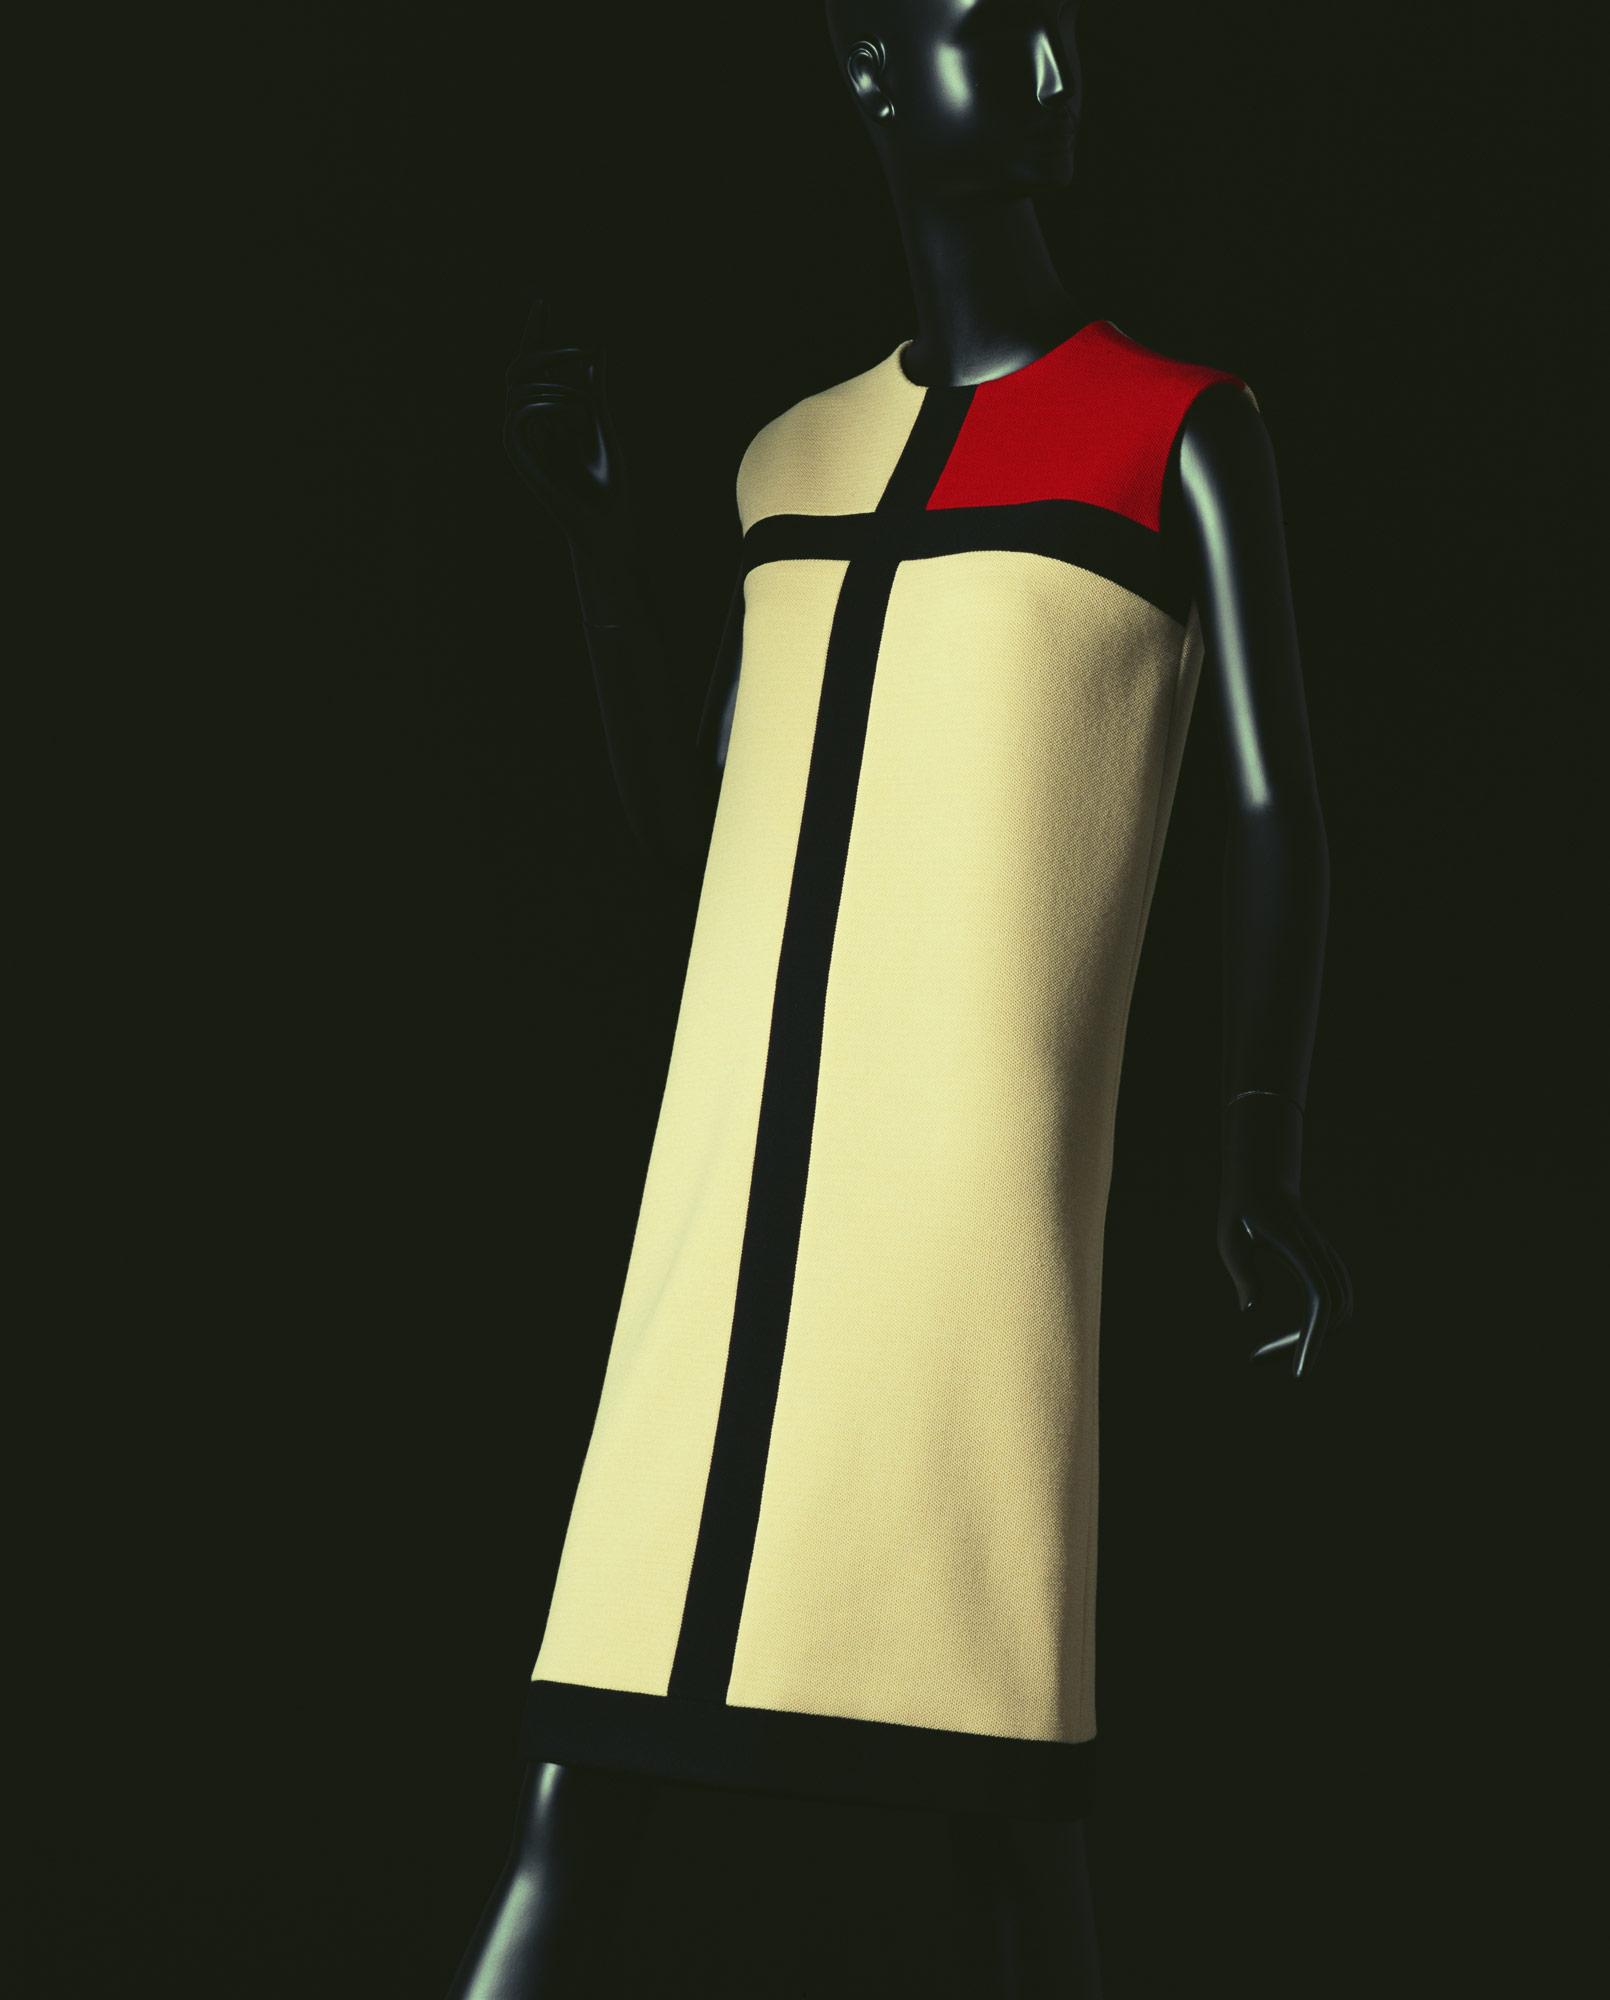 ドレス「モンドリアン」